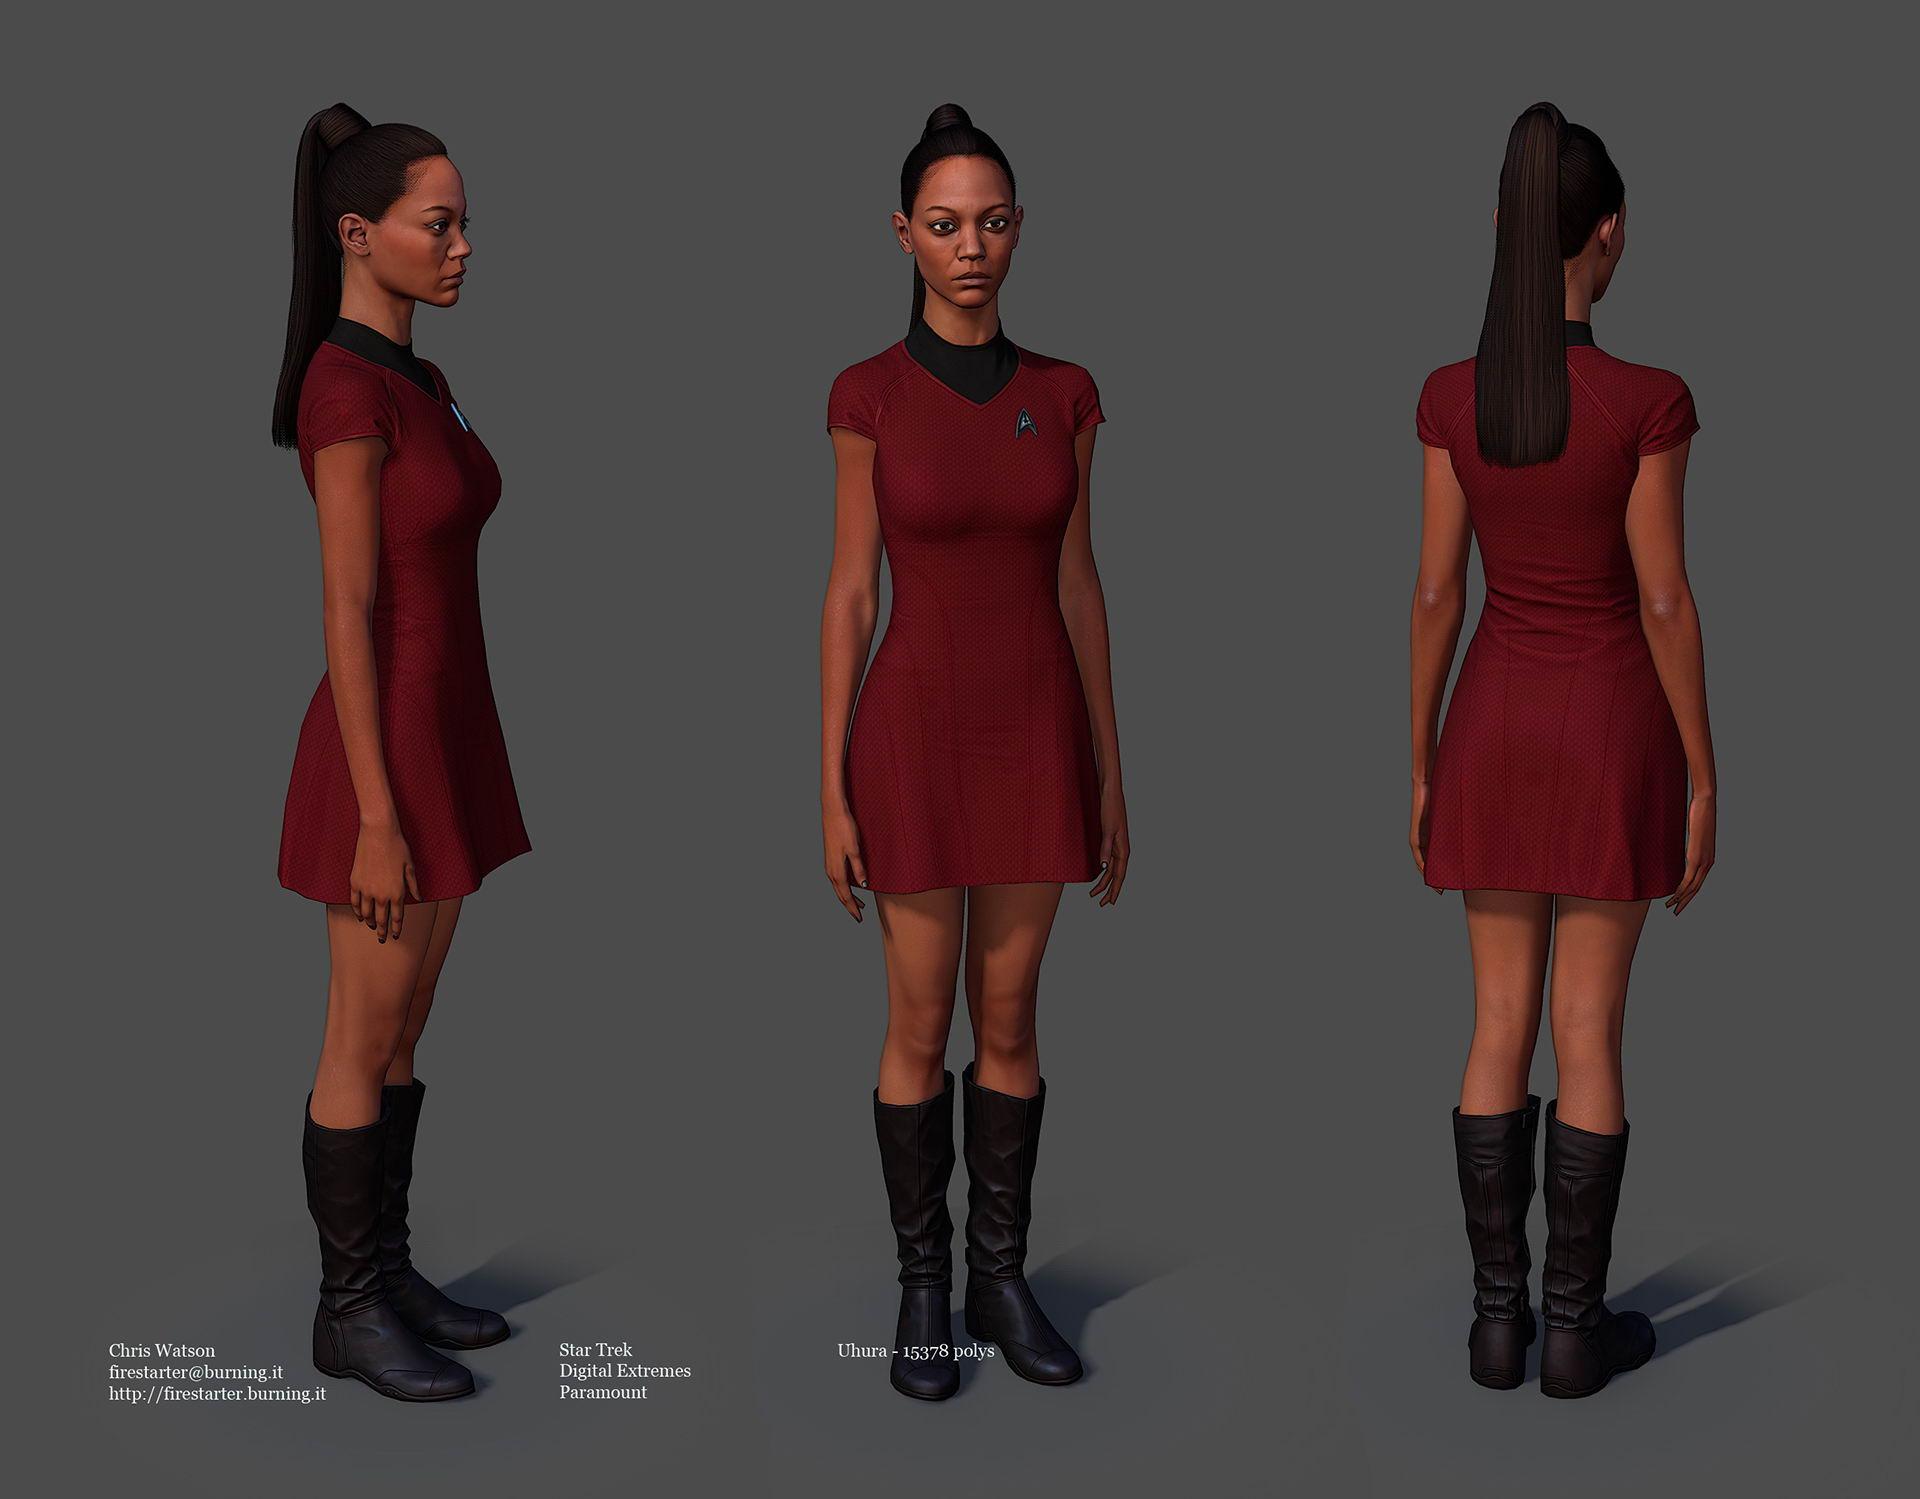 Арт Star Trek The Video Game